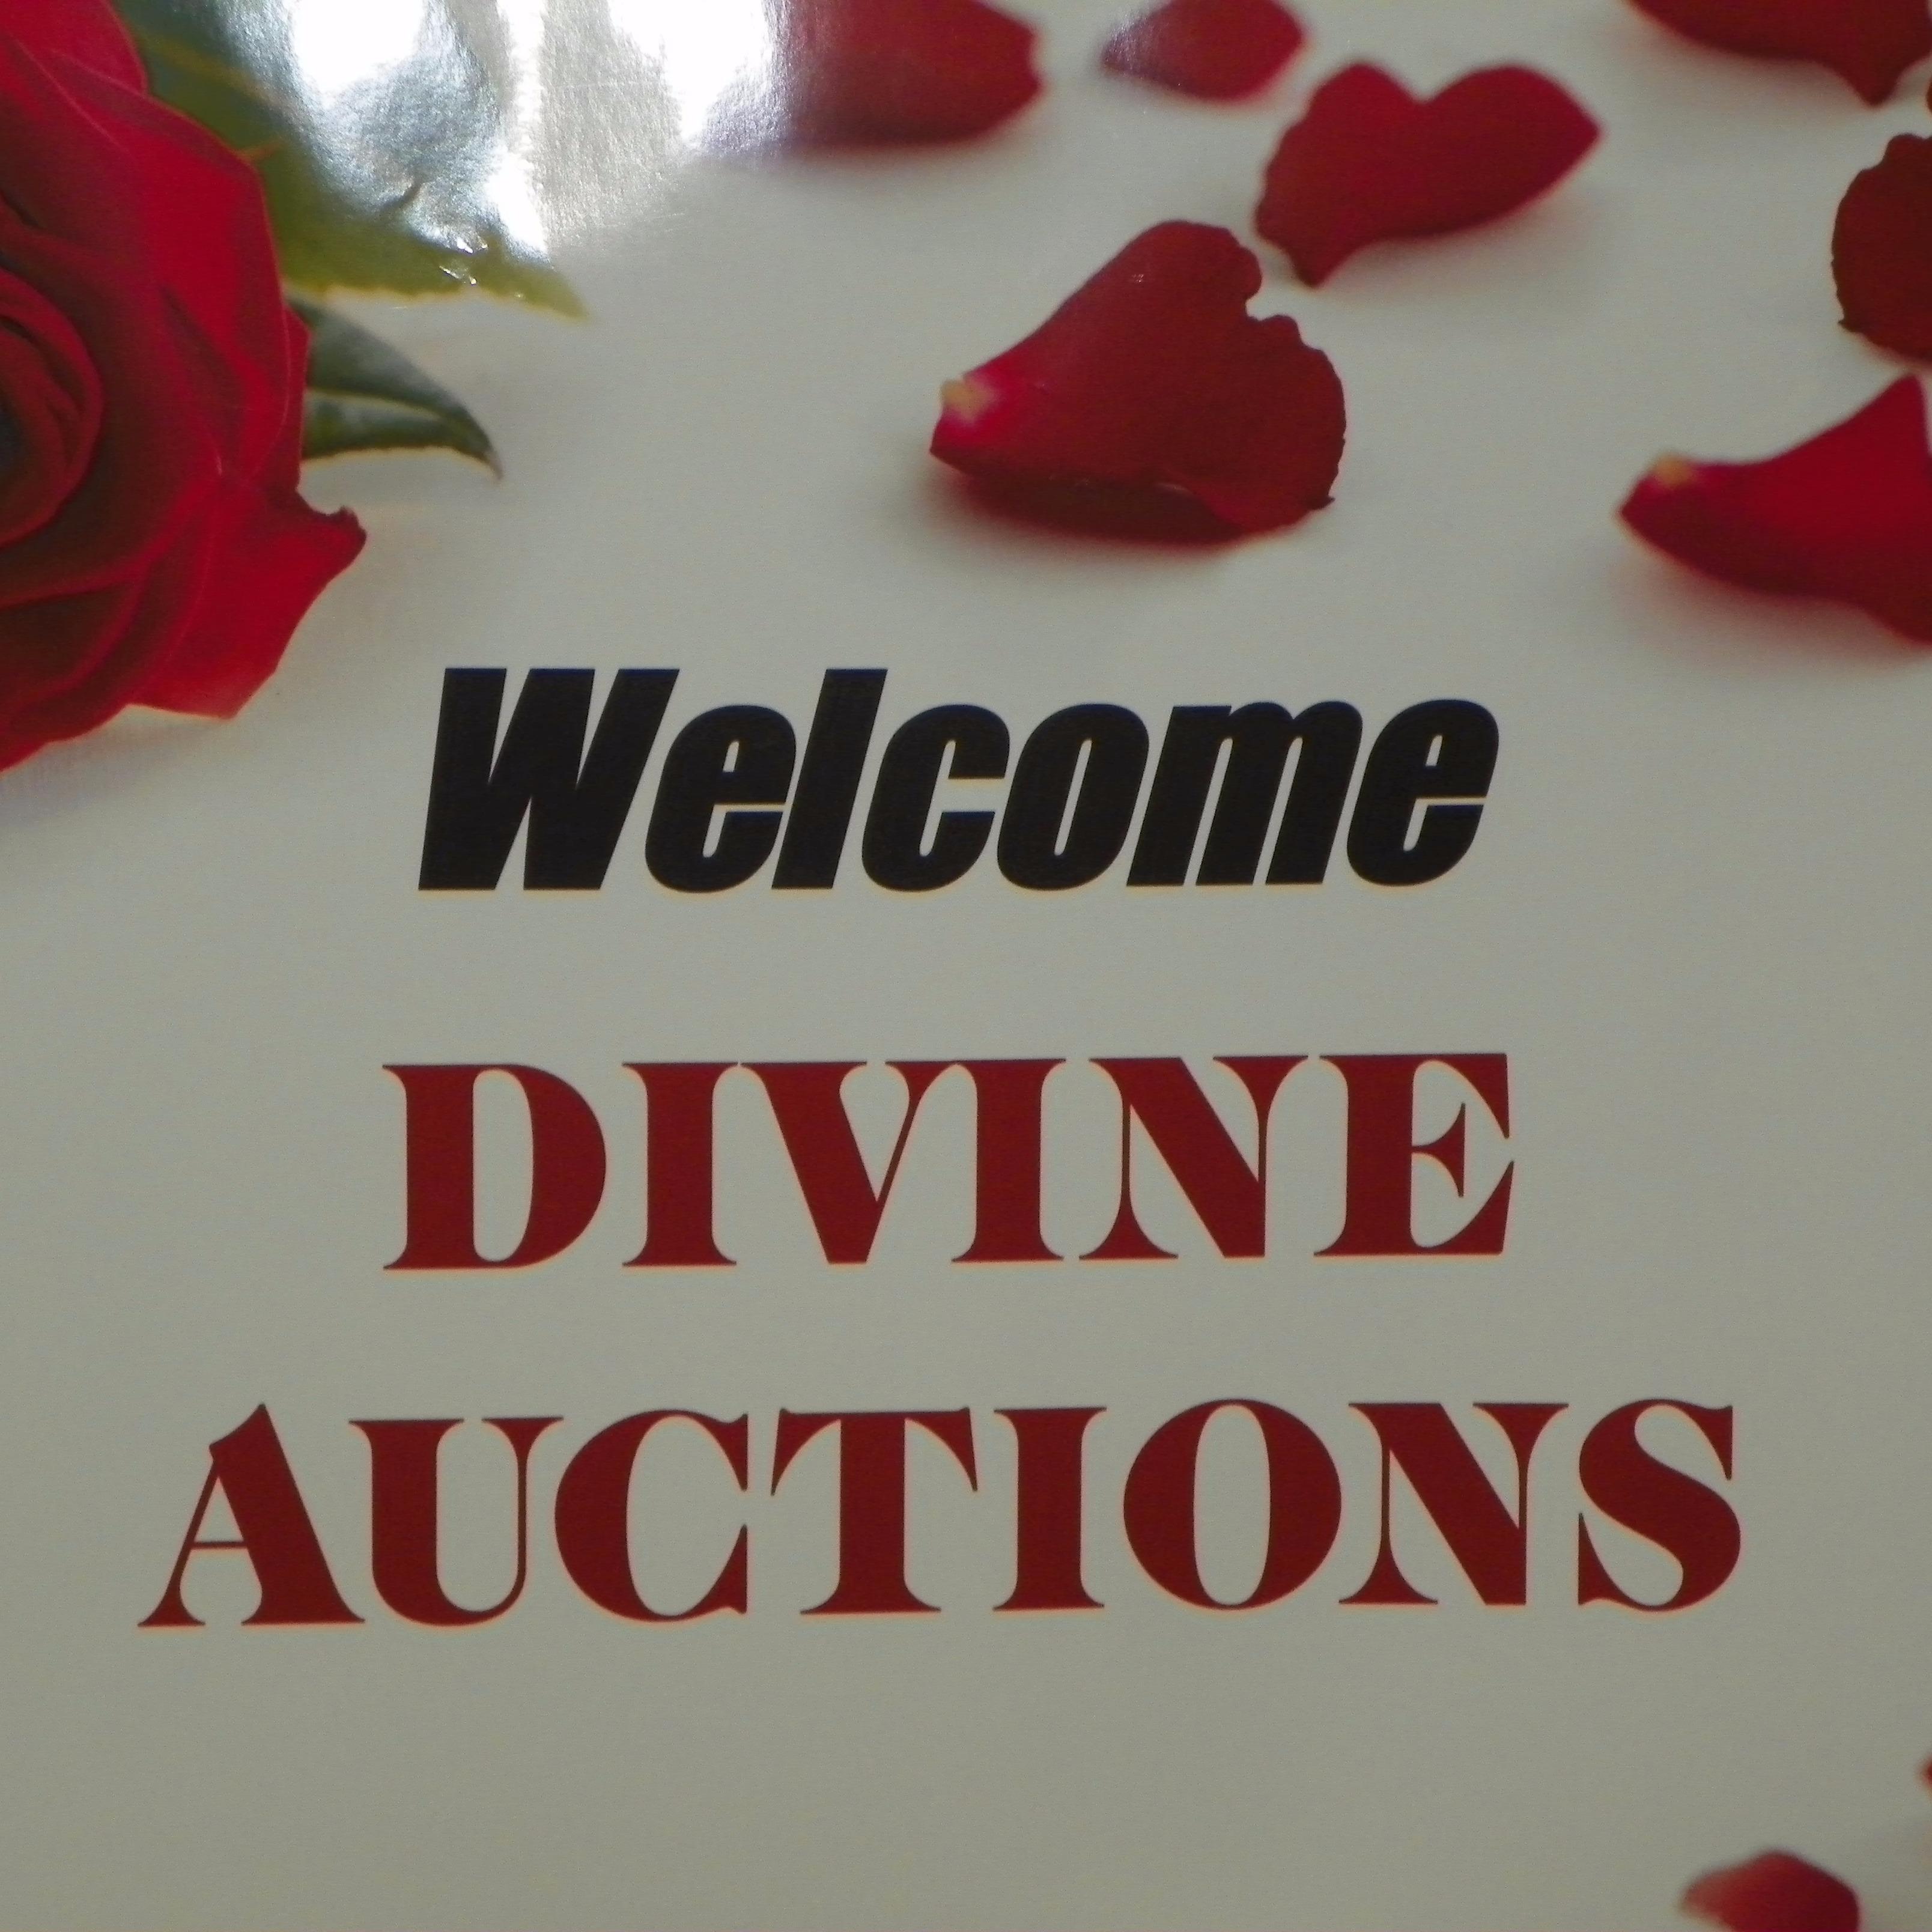 Divine Auctions